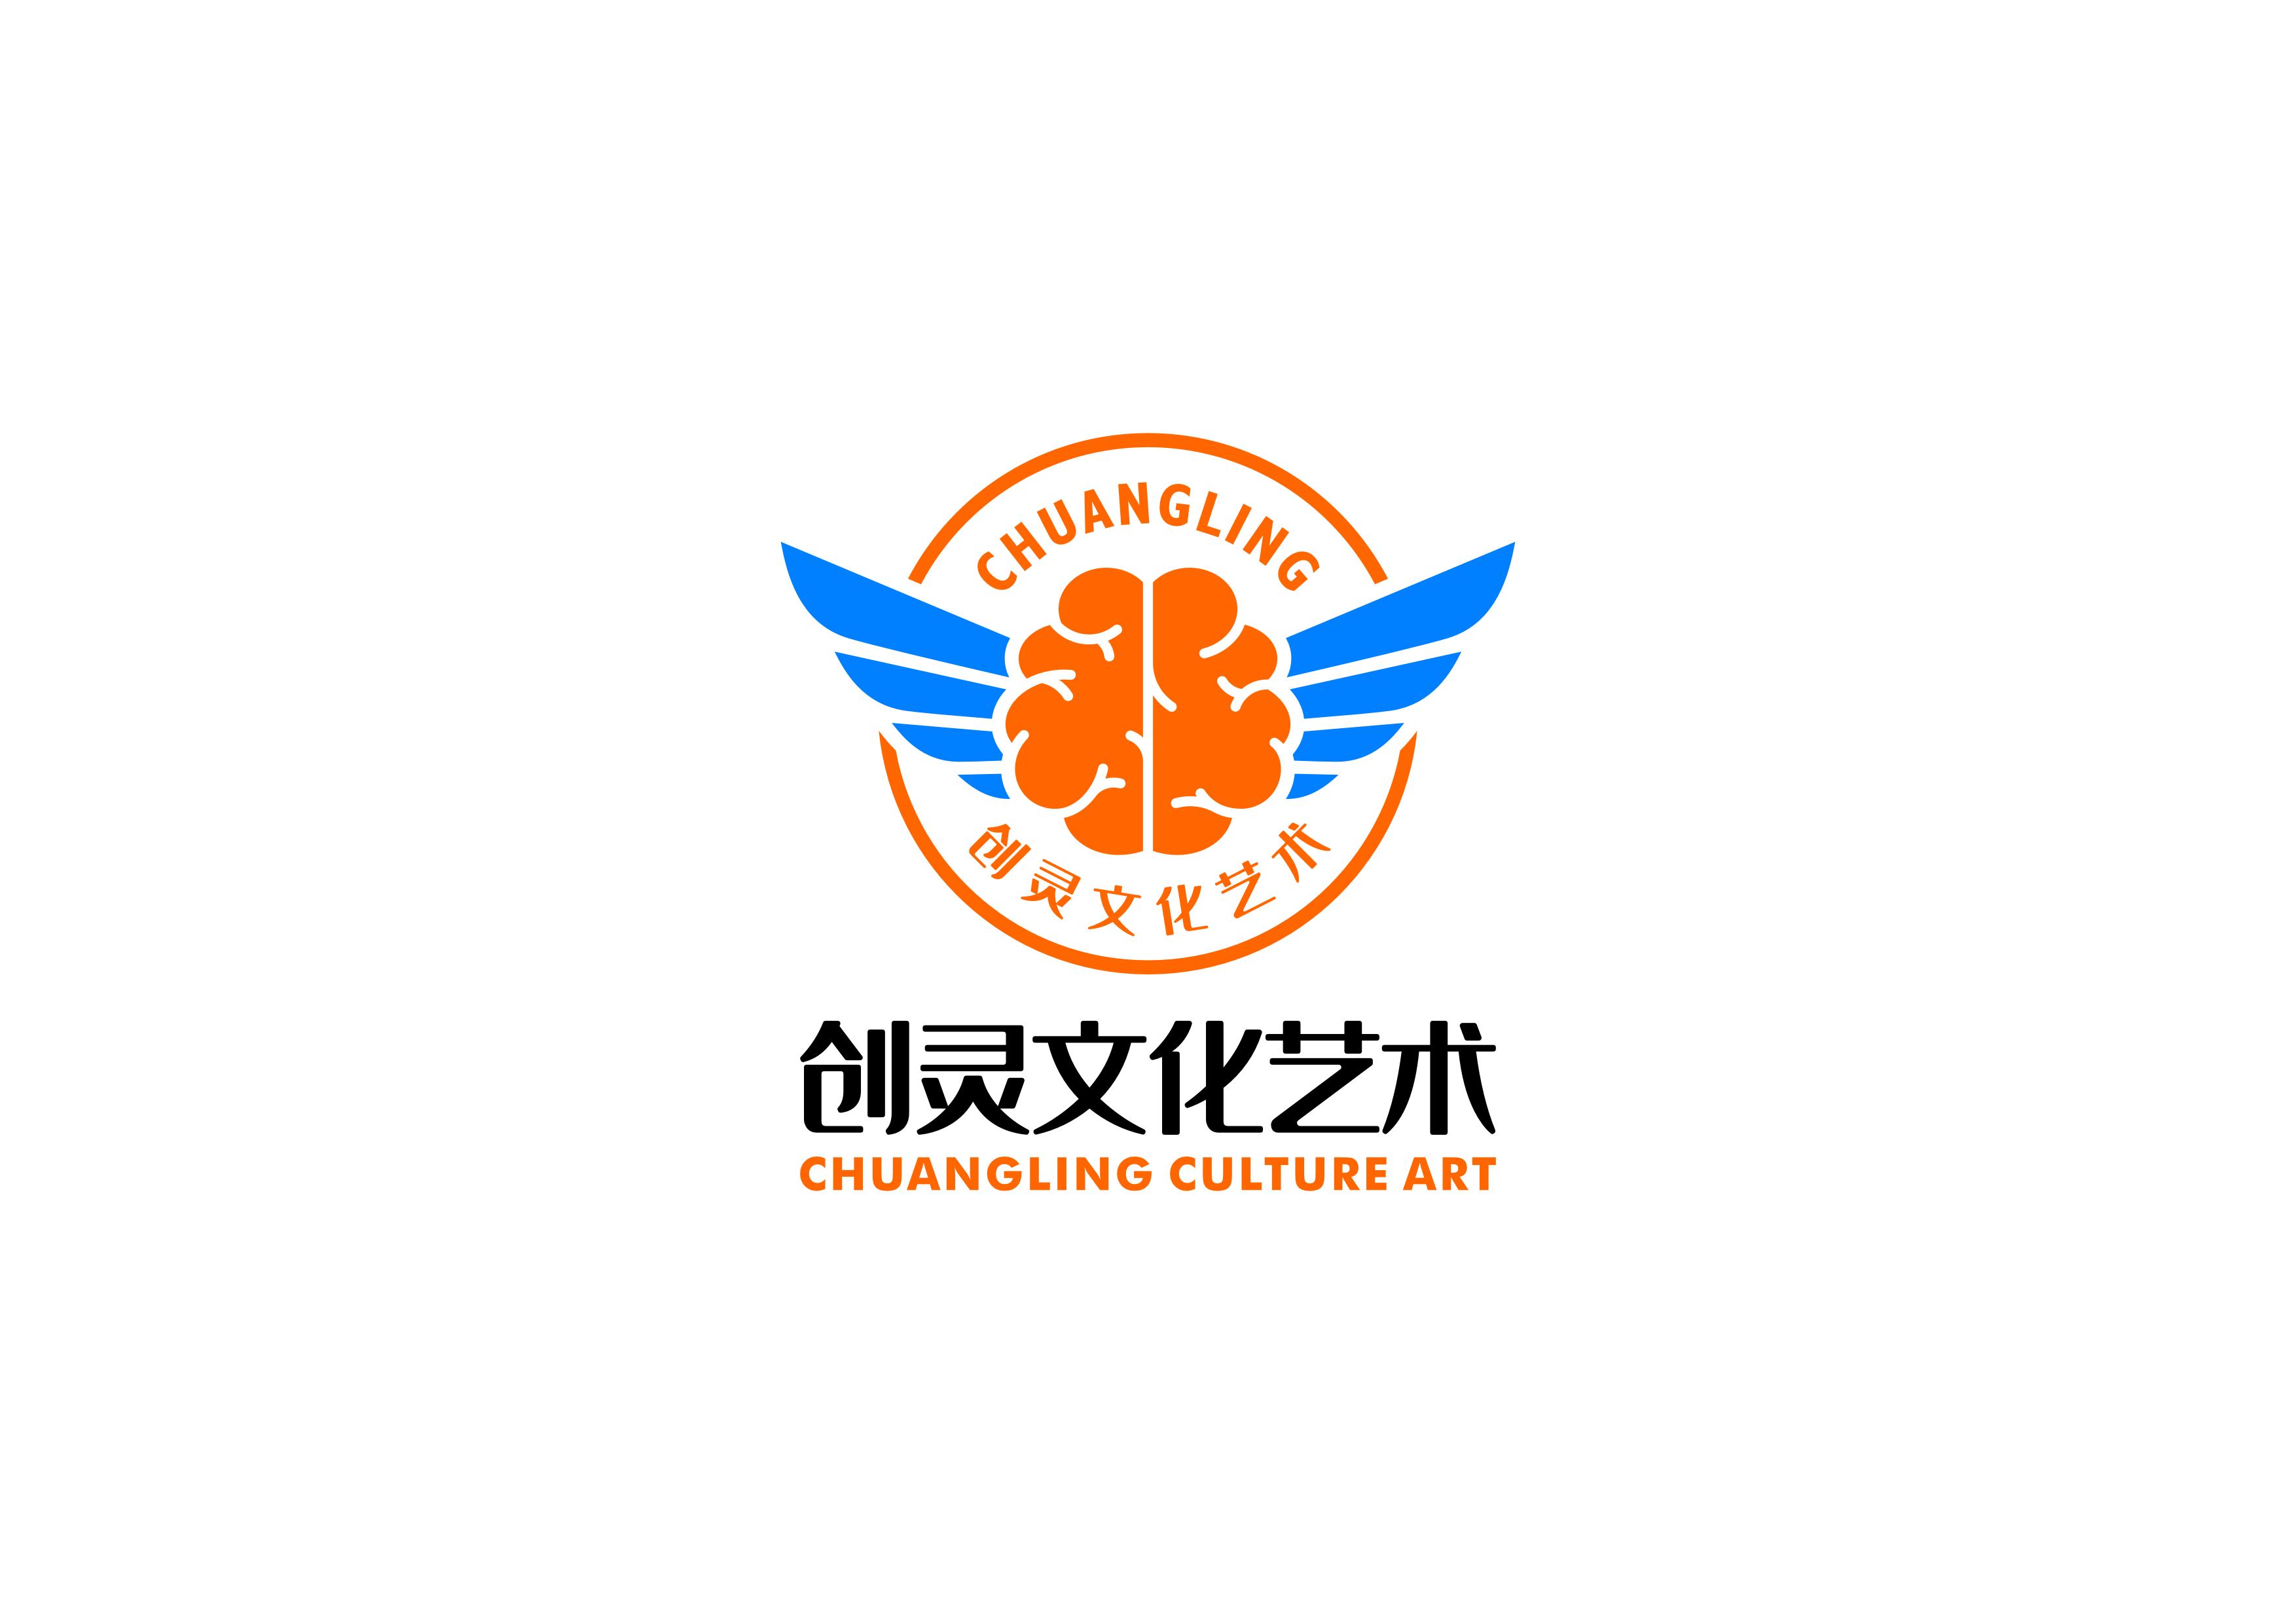 重庆创灵文化艺术有限公司